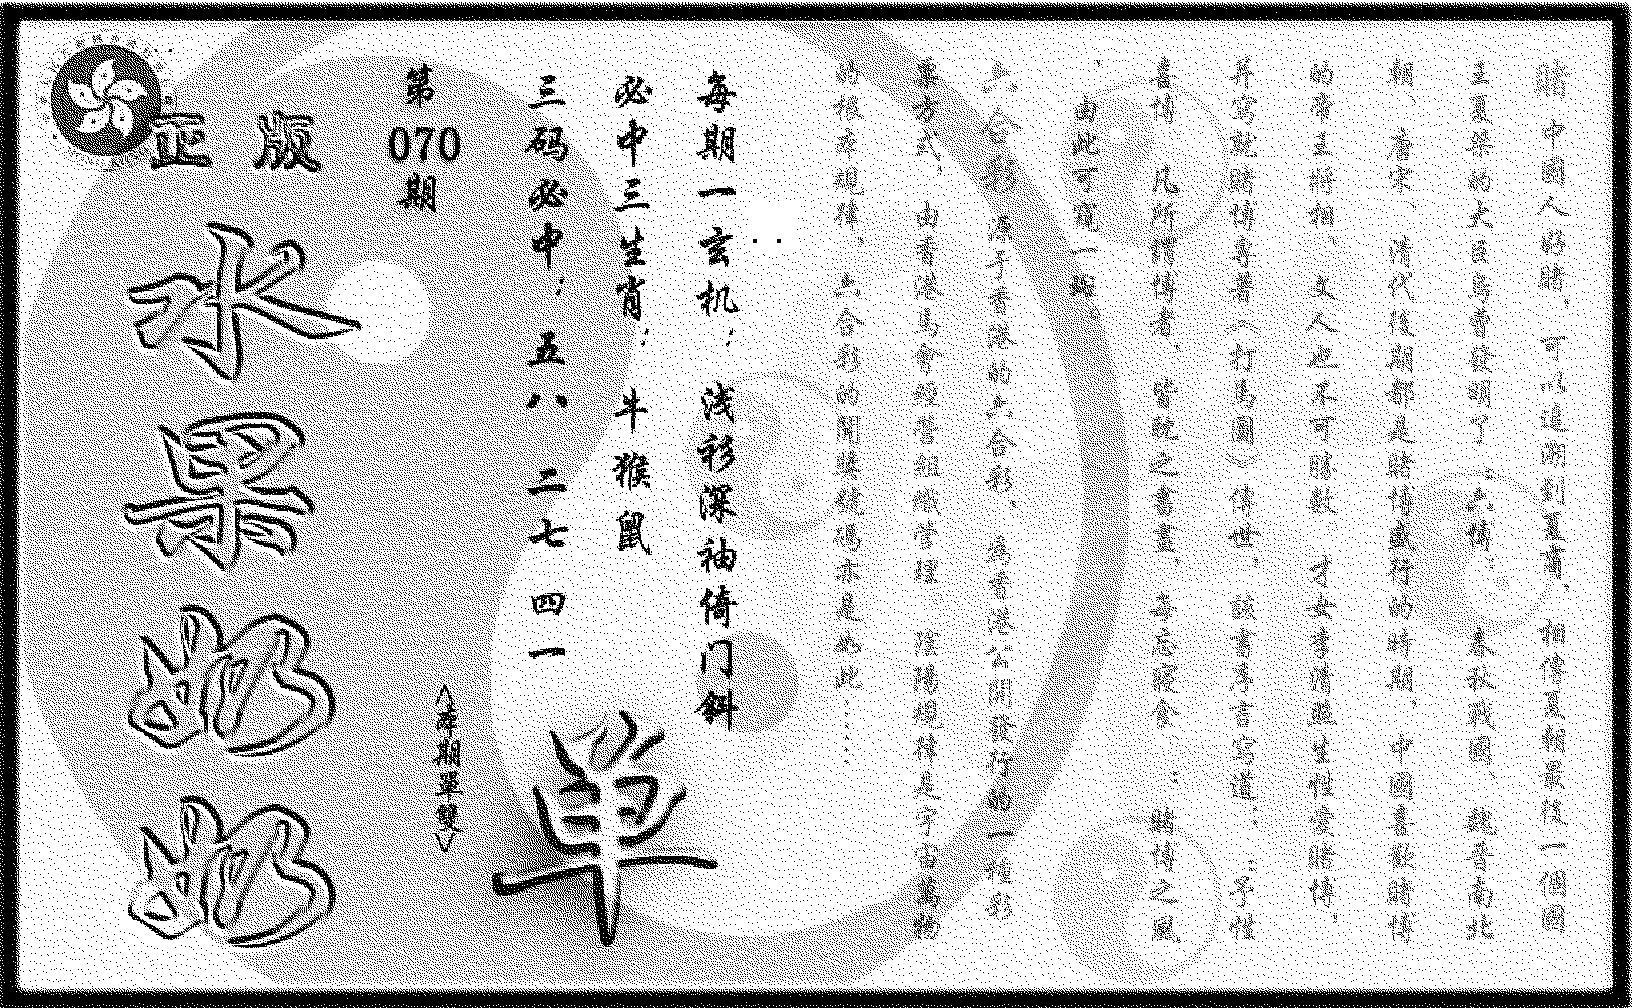 070期(九龙单双攻略)正版(黑白)